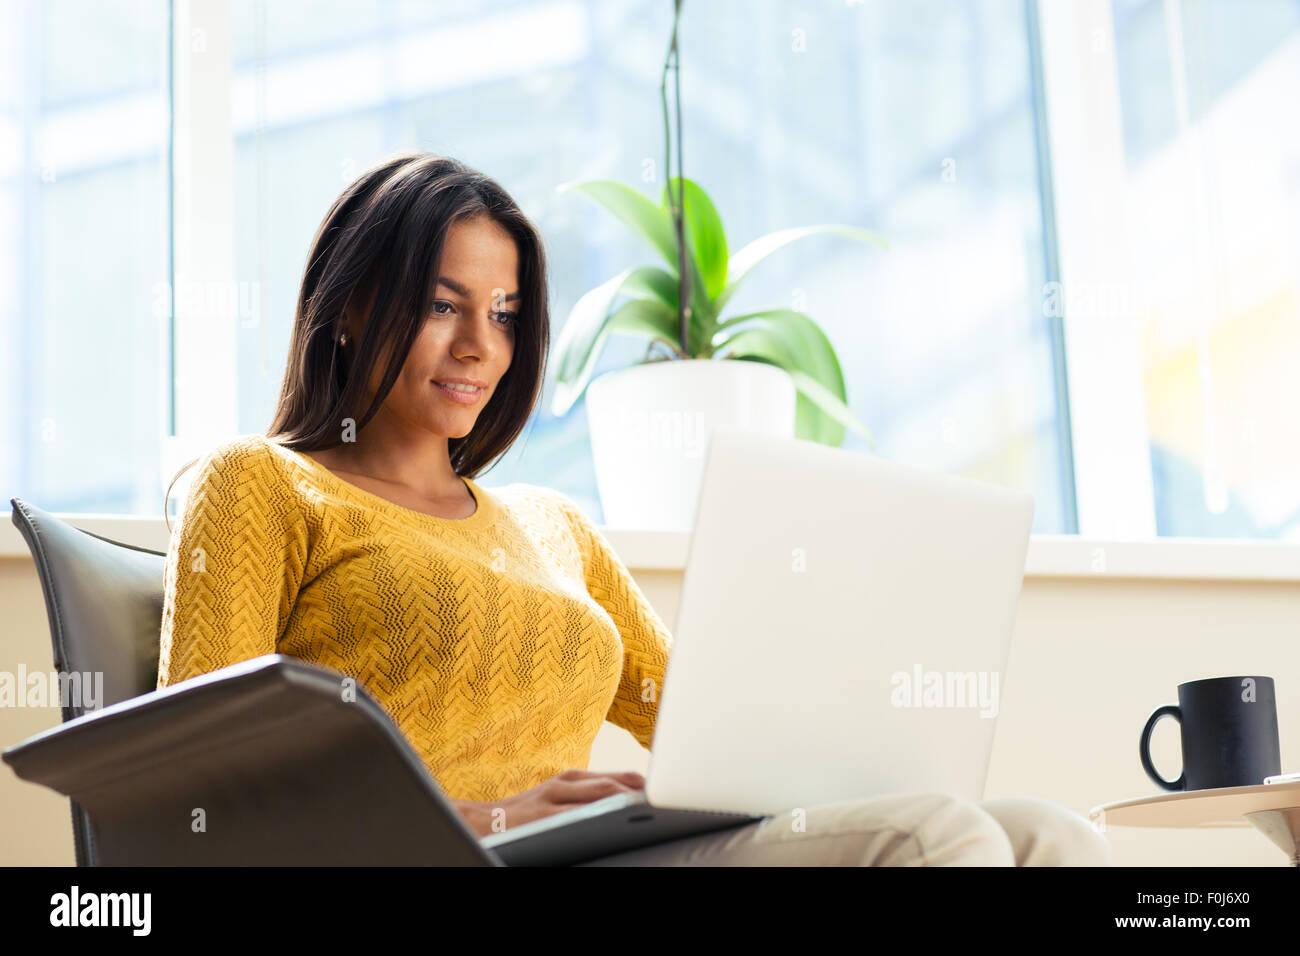 Glücklich lässig Geschäftsfrau auf Bürostuhl mit Laptop im Büro sitzen Stockbild